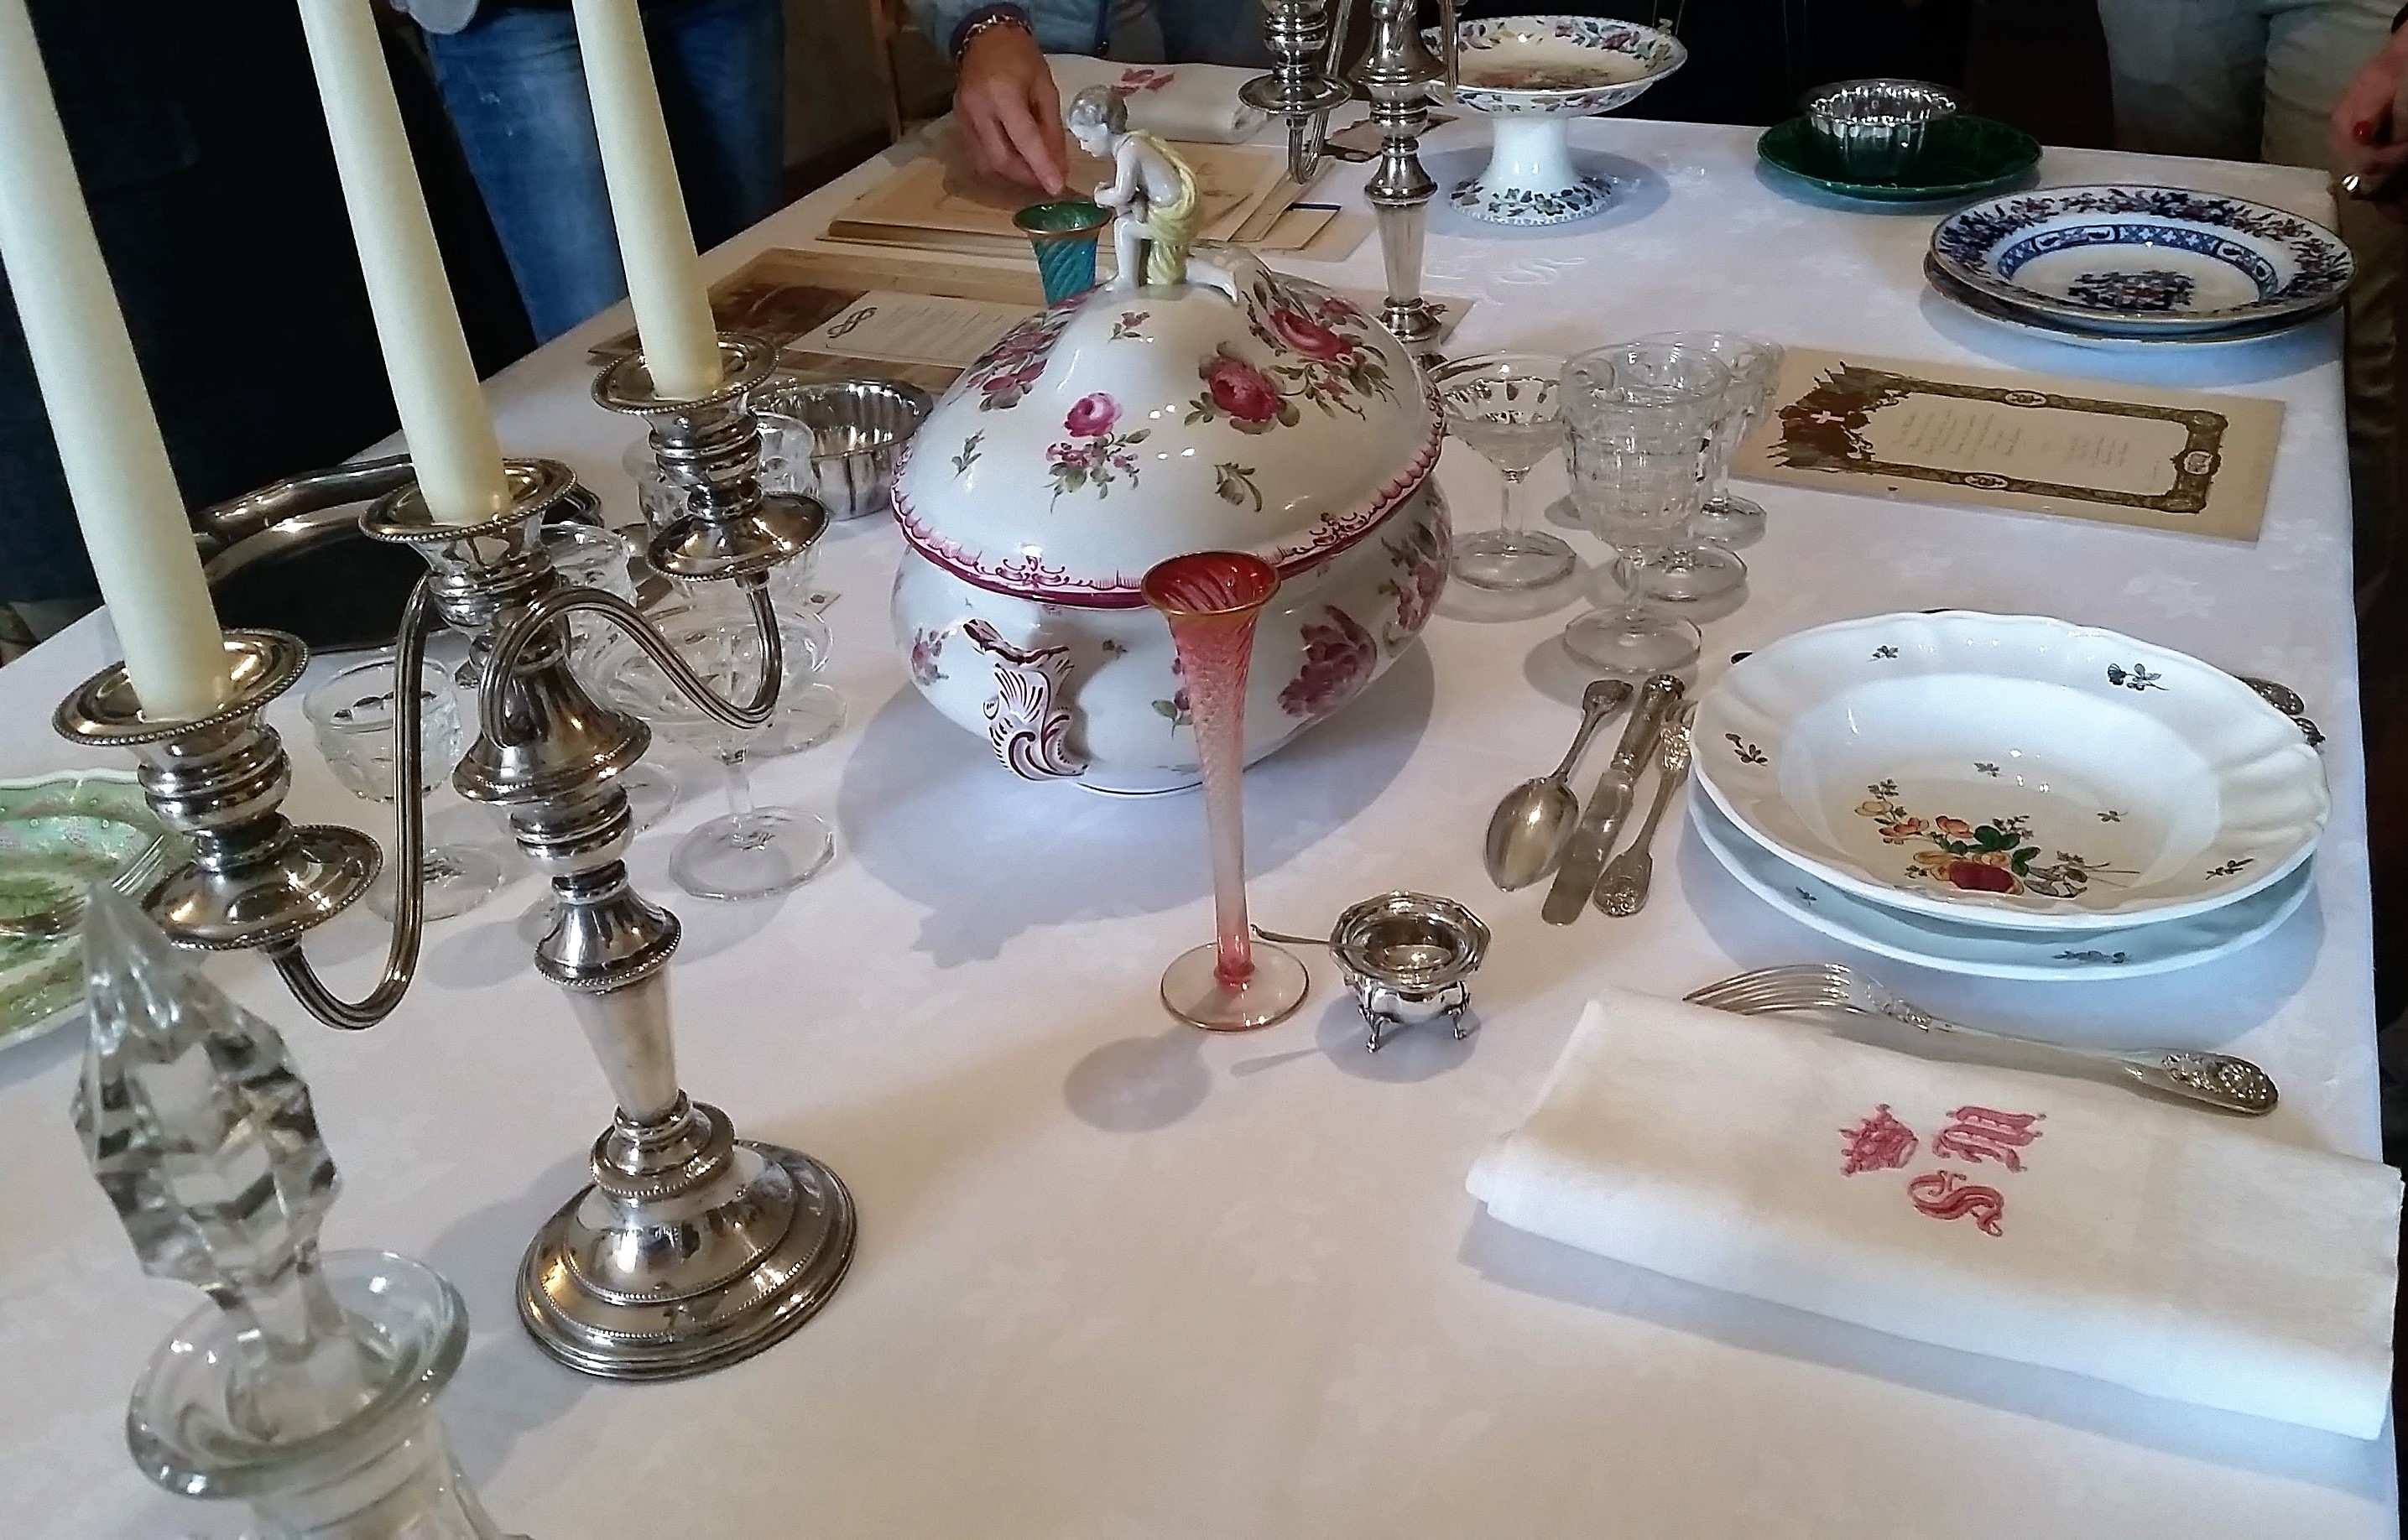 La tavola apparecchiata con l'elegante zuppiera come centro-tavola